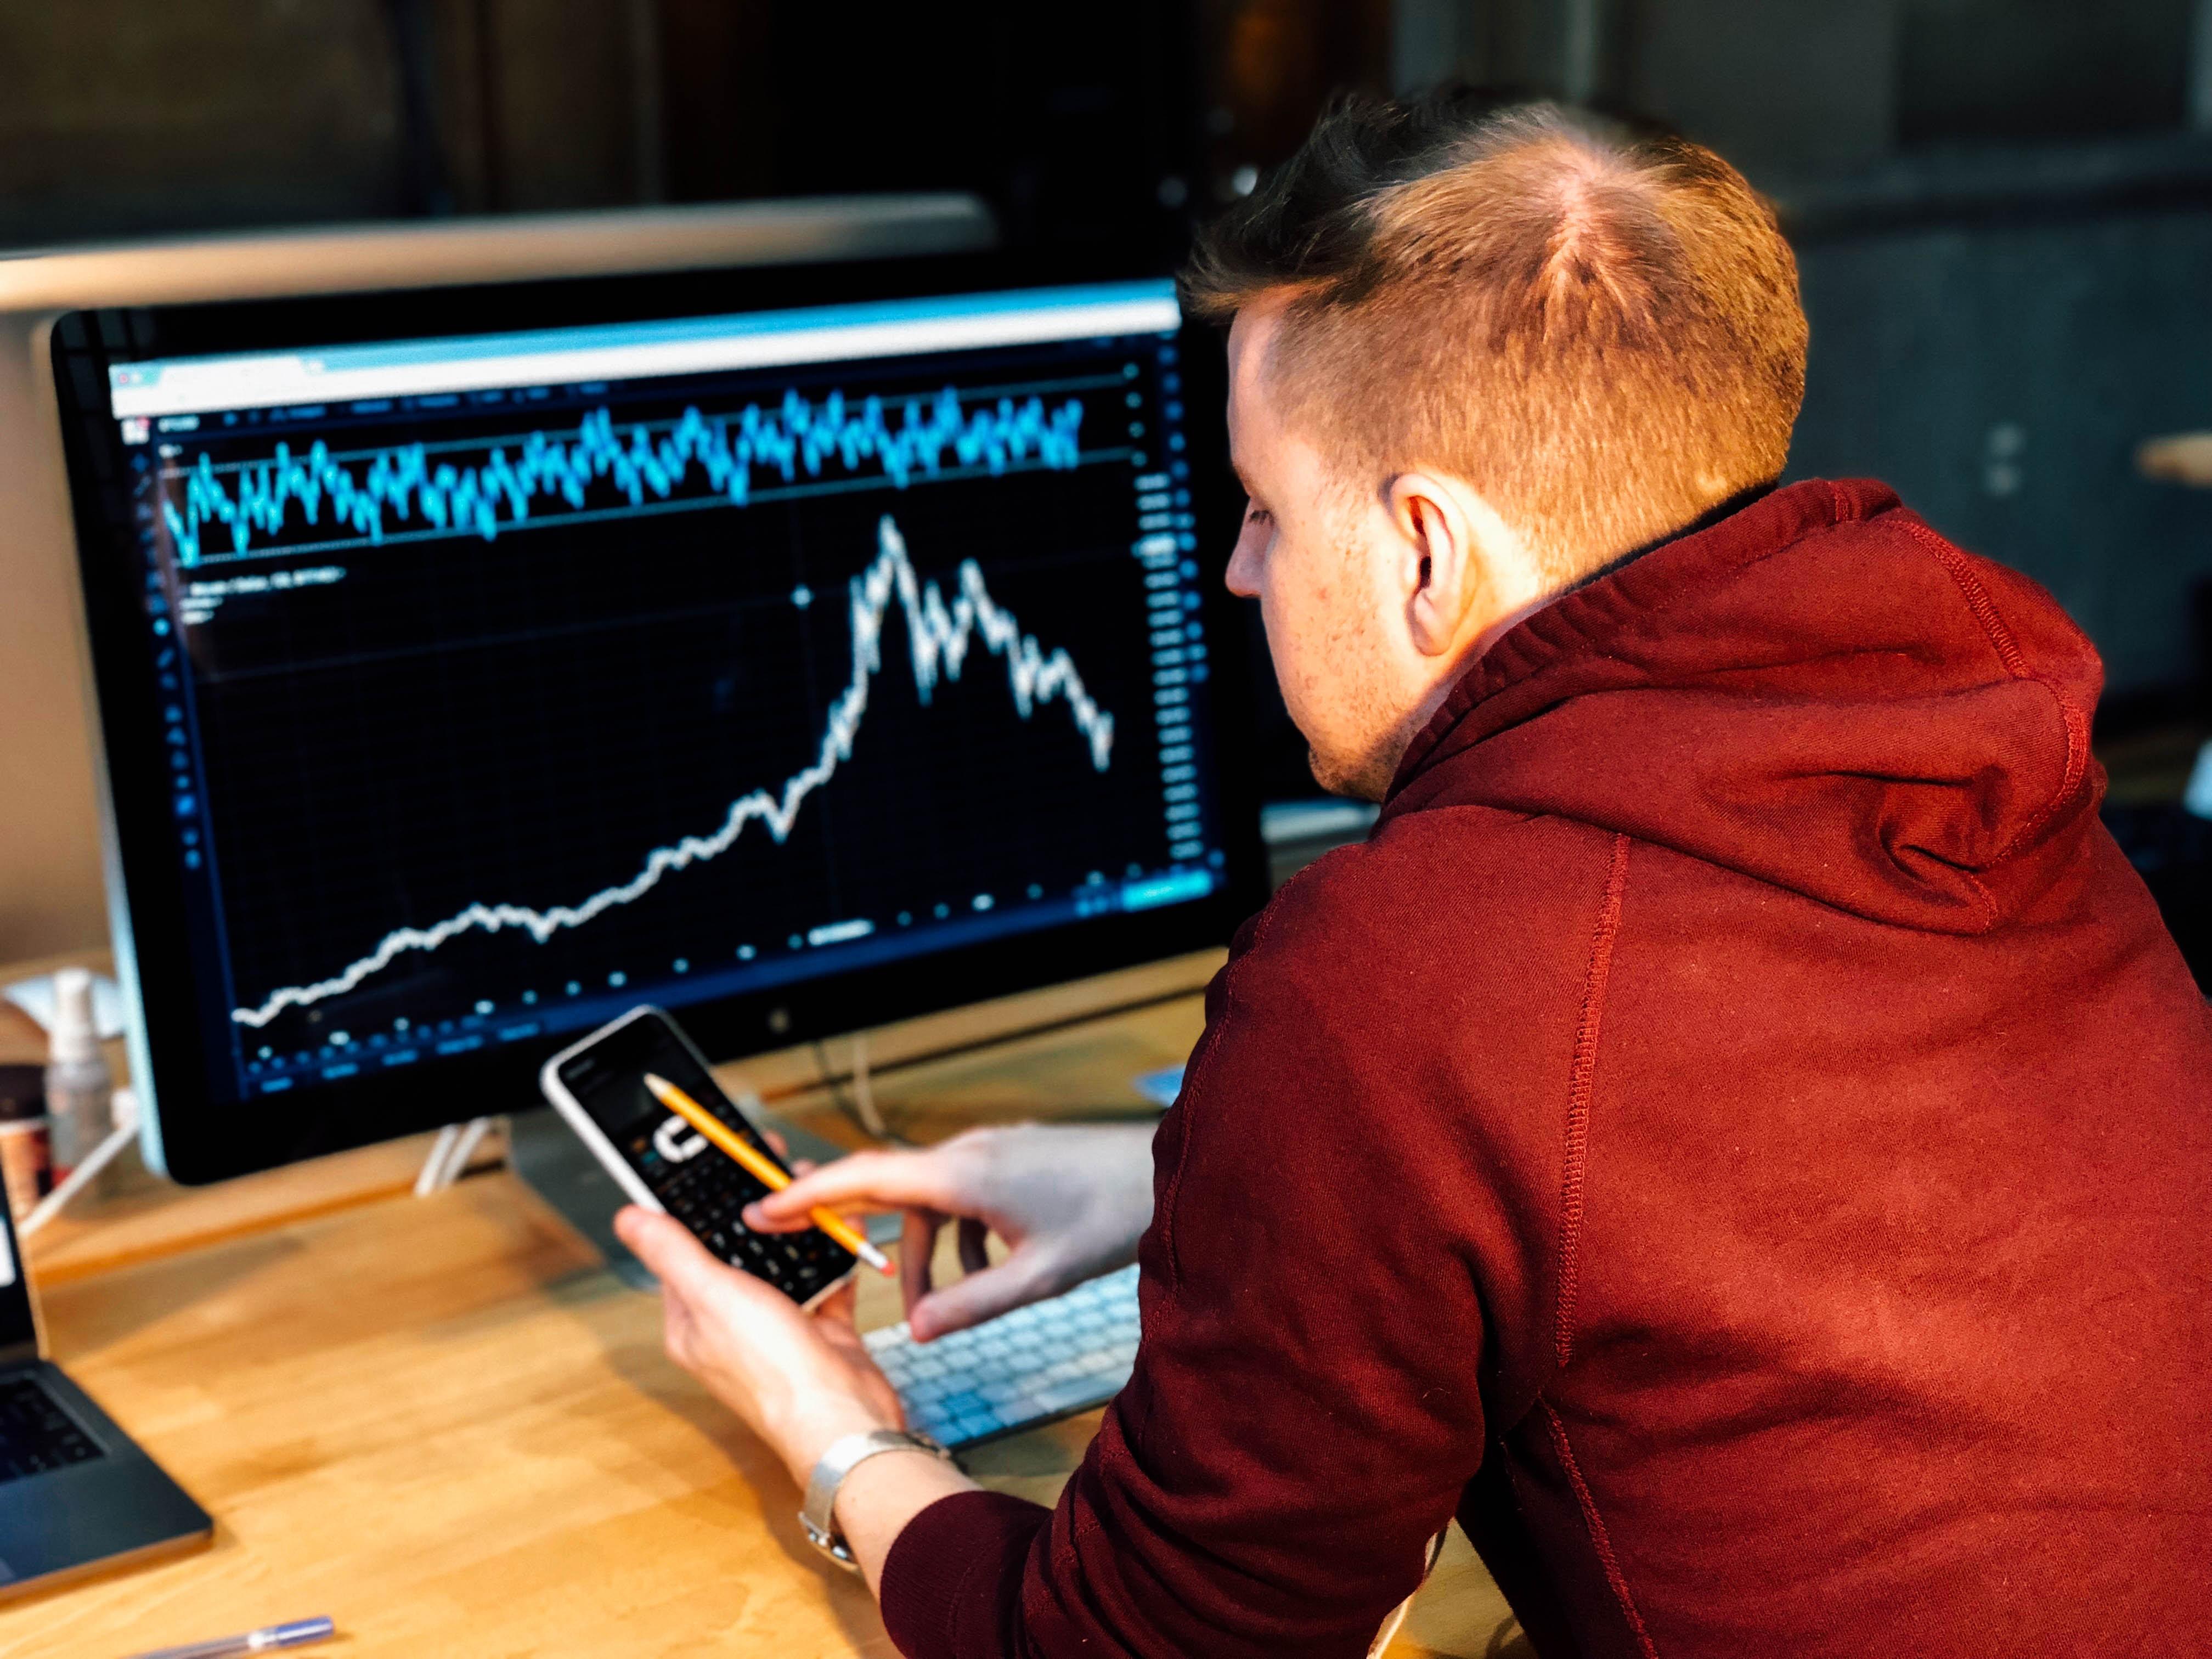 Millennialsi nie ufają już tradycyjnym bankom?